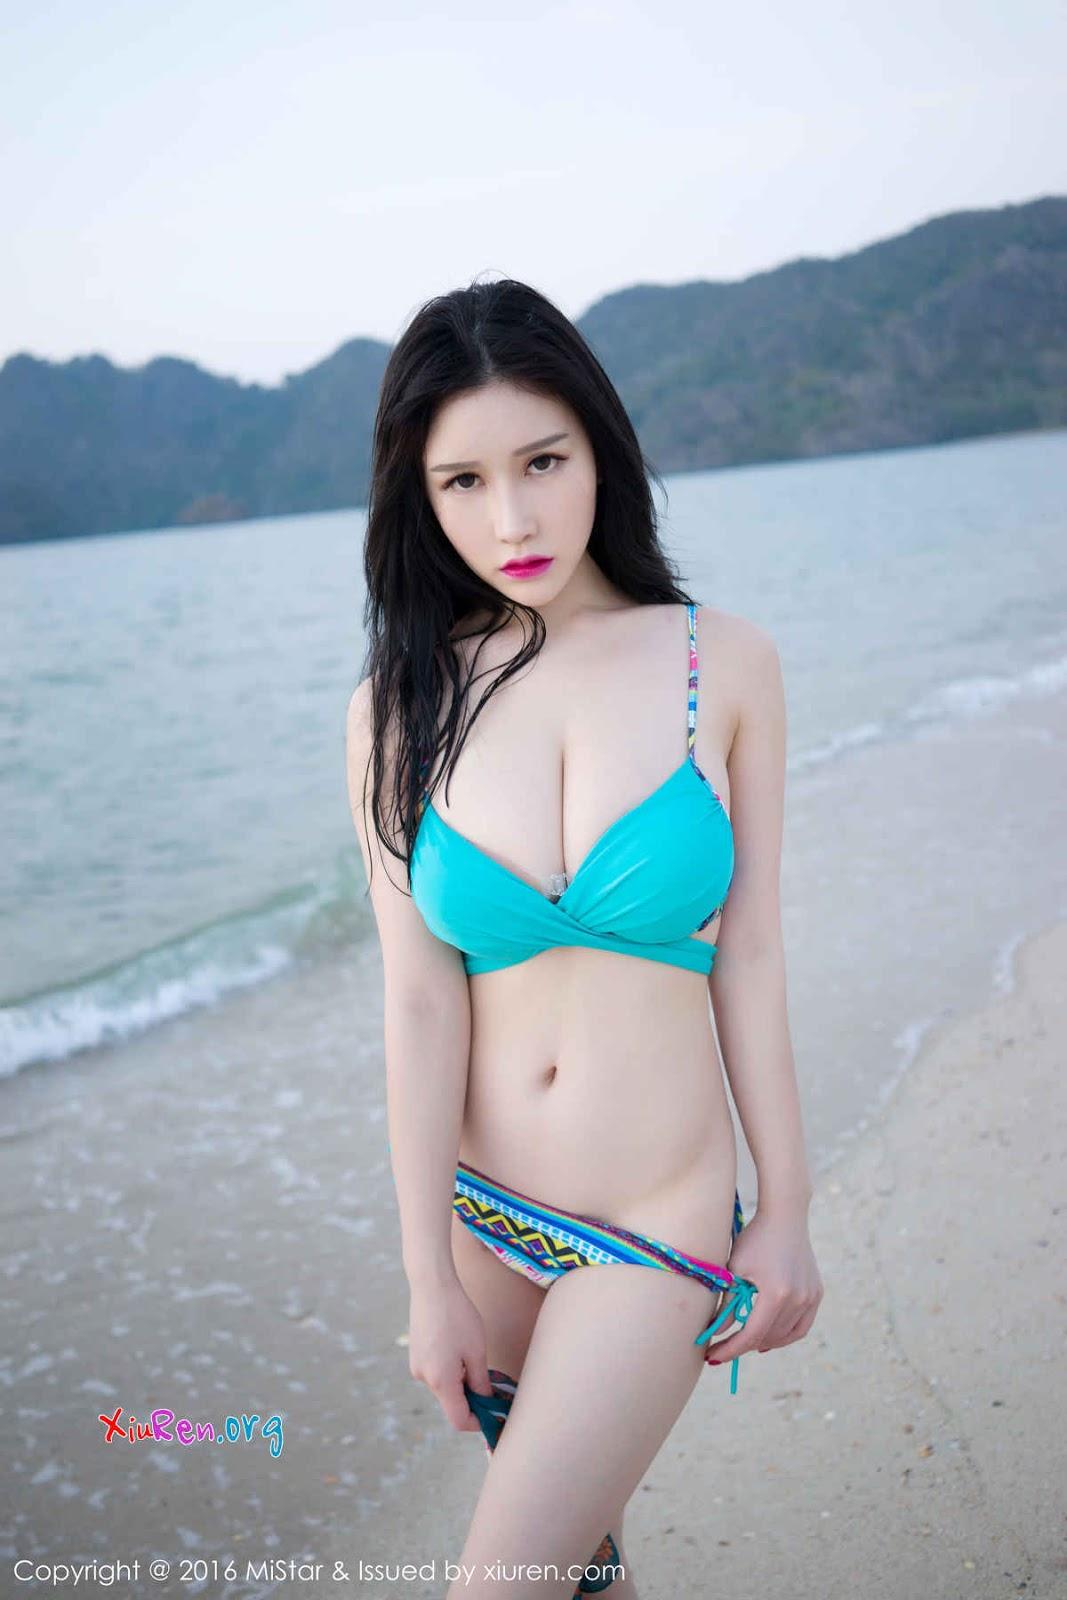 Một mình mặc đồ lót giữa bãi biển làm gì thế em gái xinh